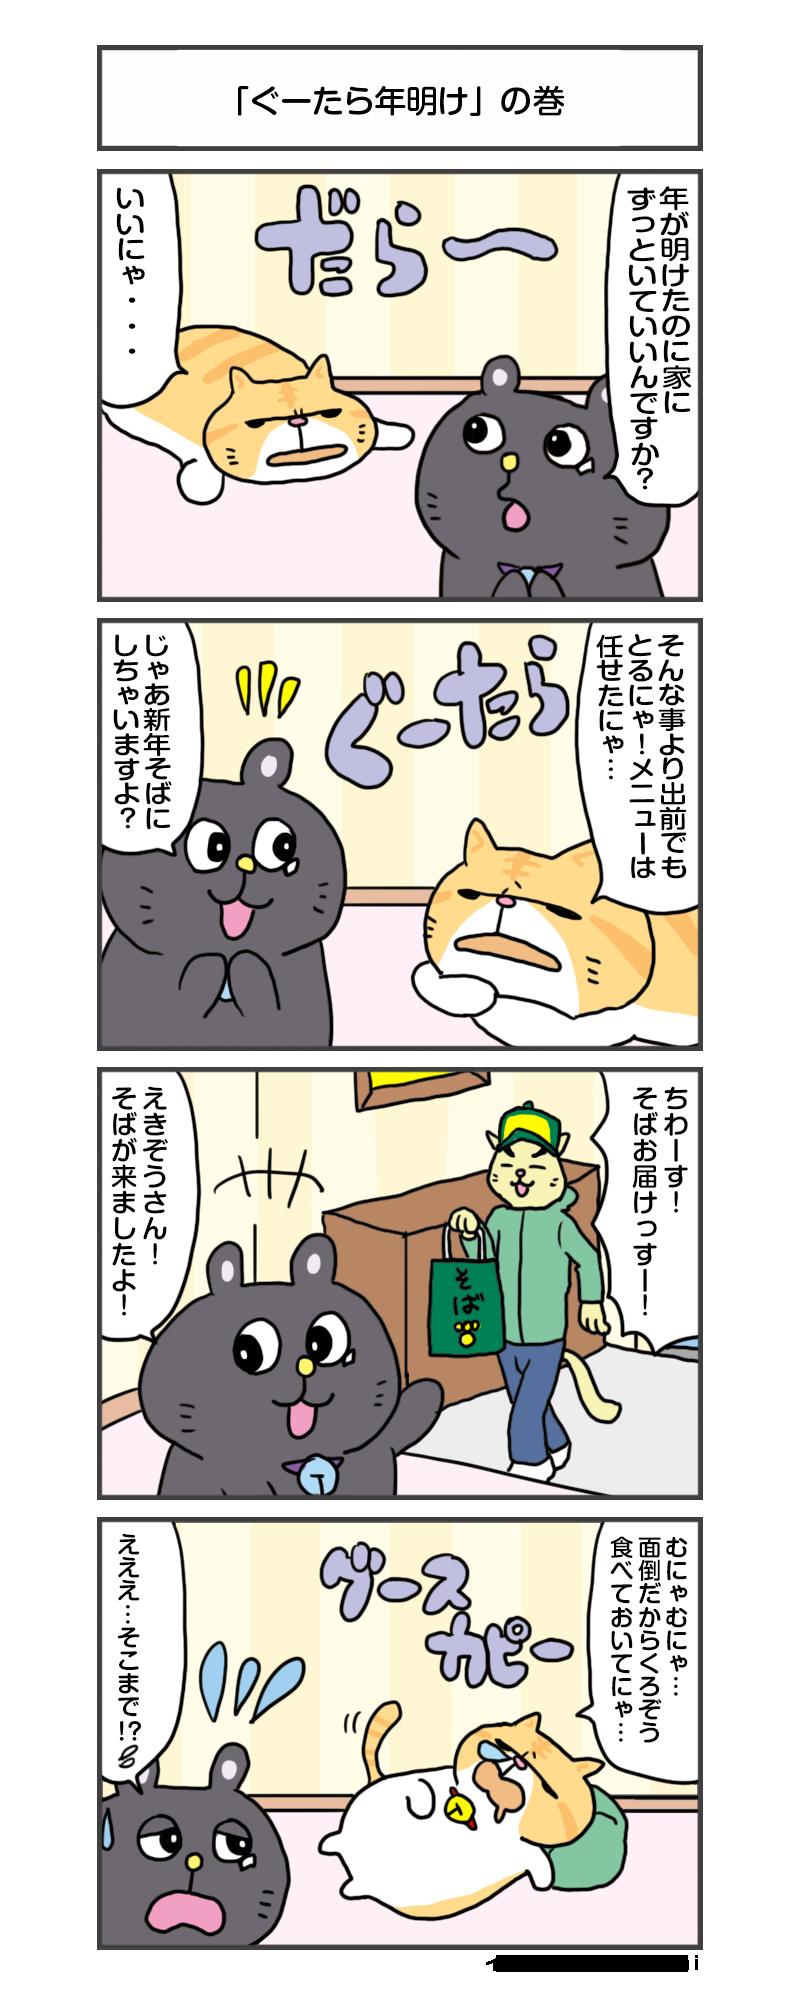 えきぞうmanga_vol.284